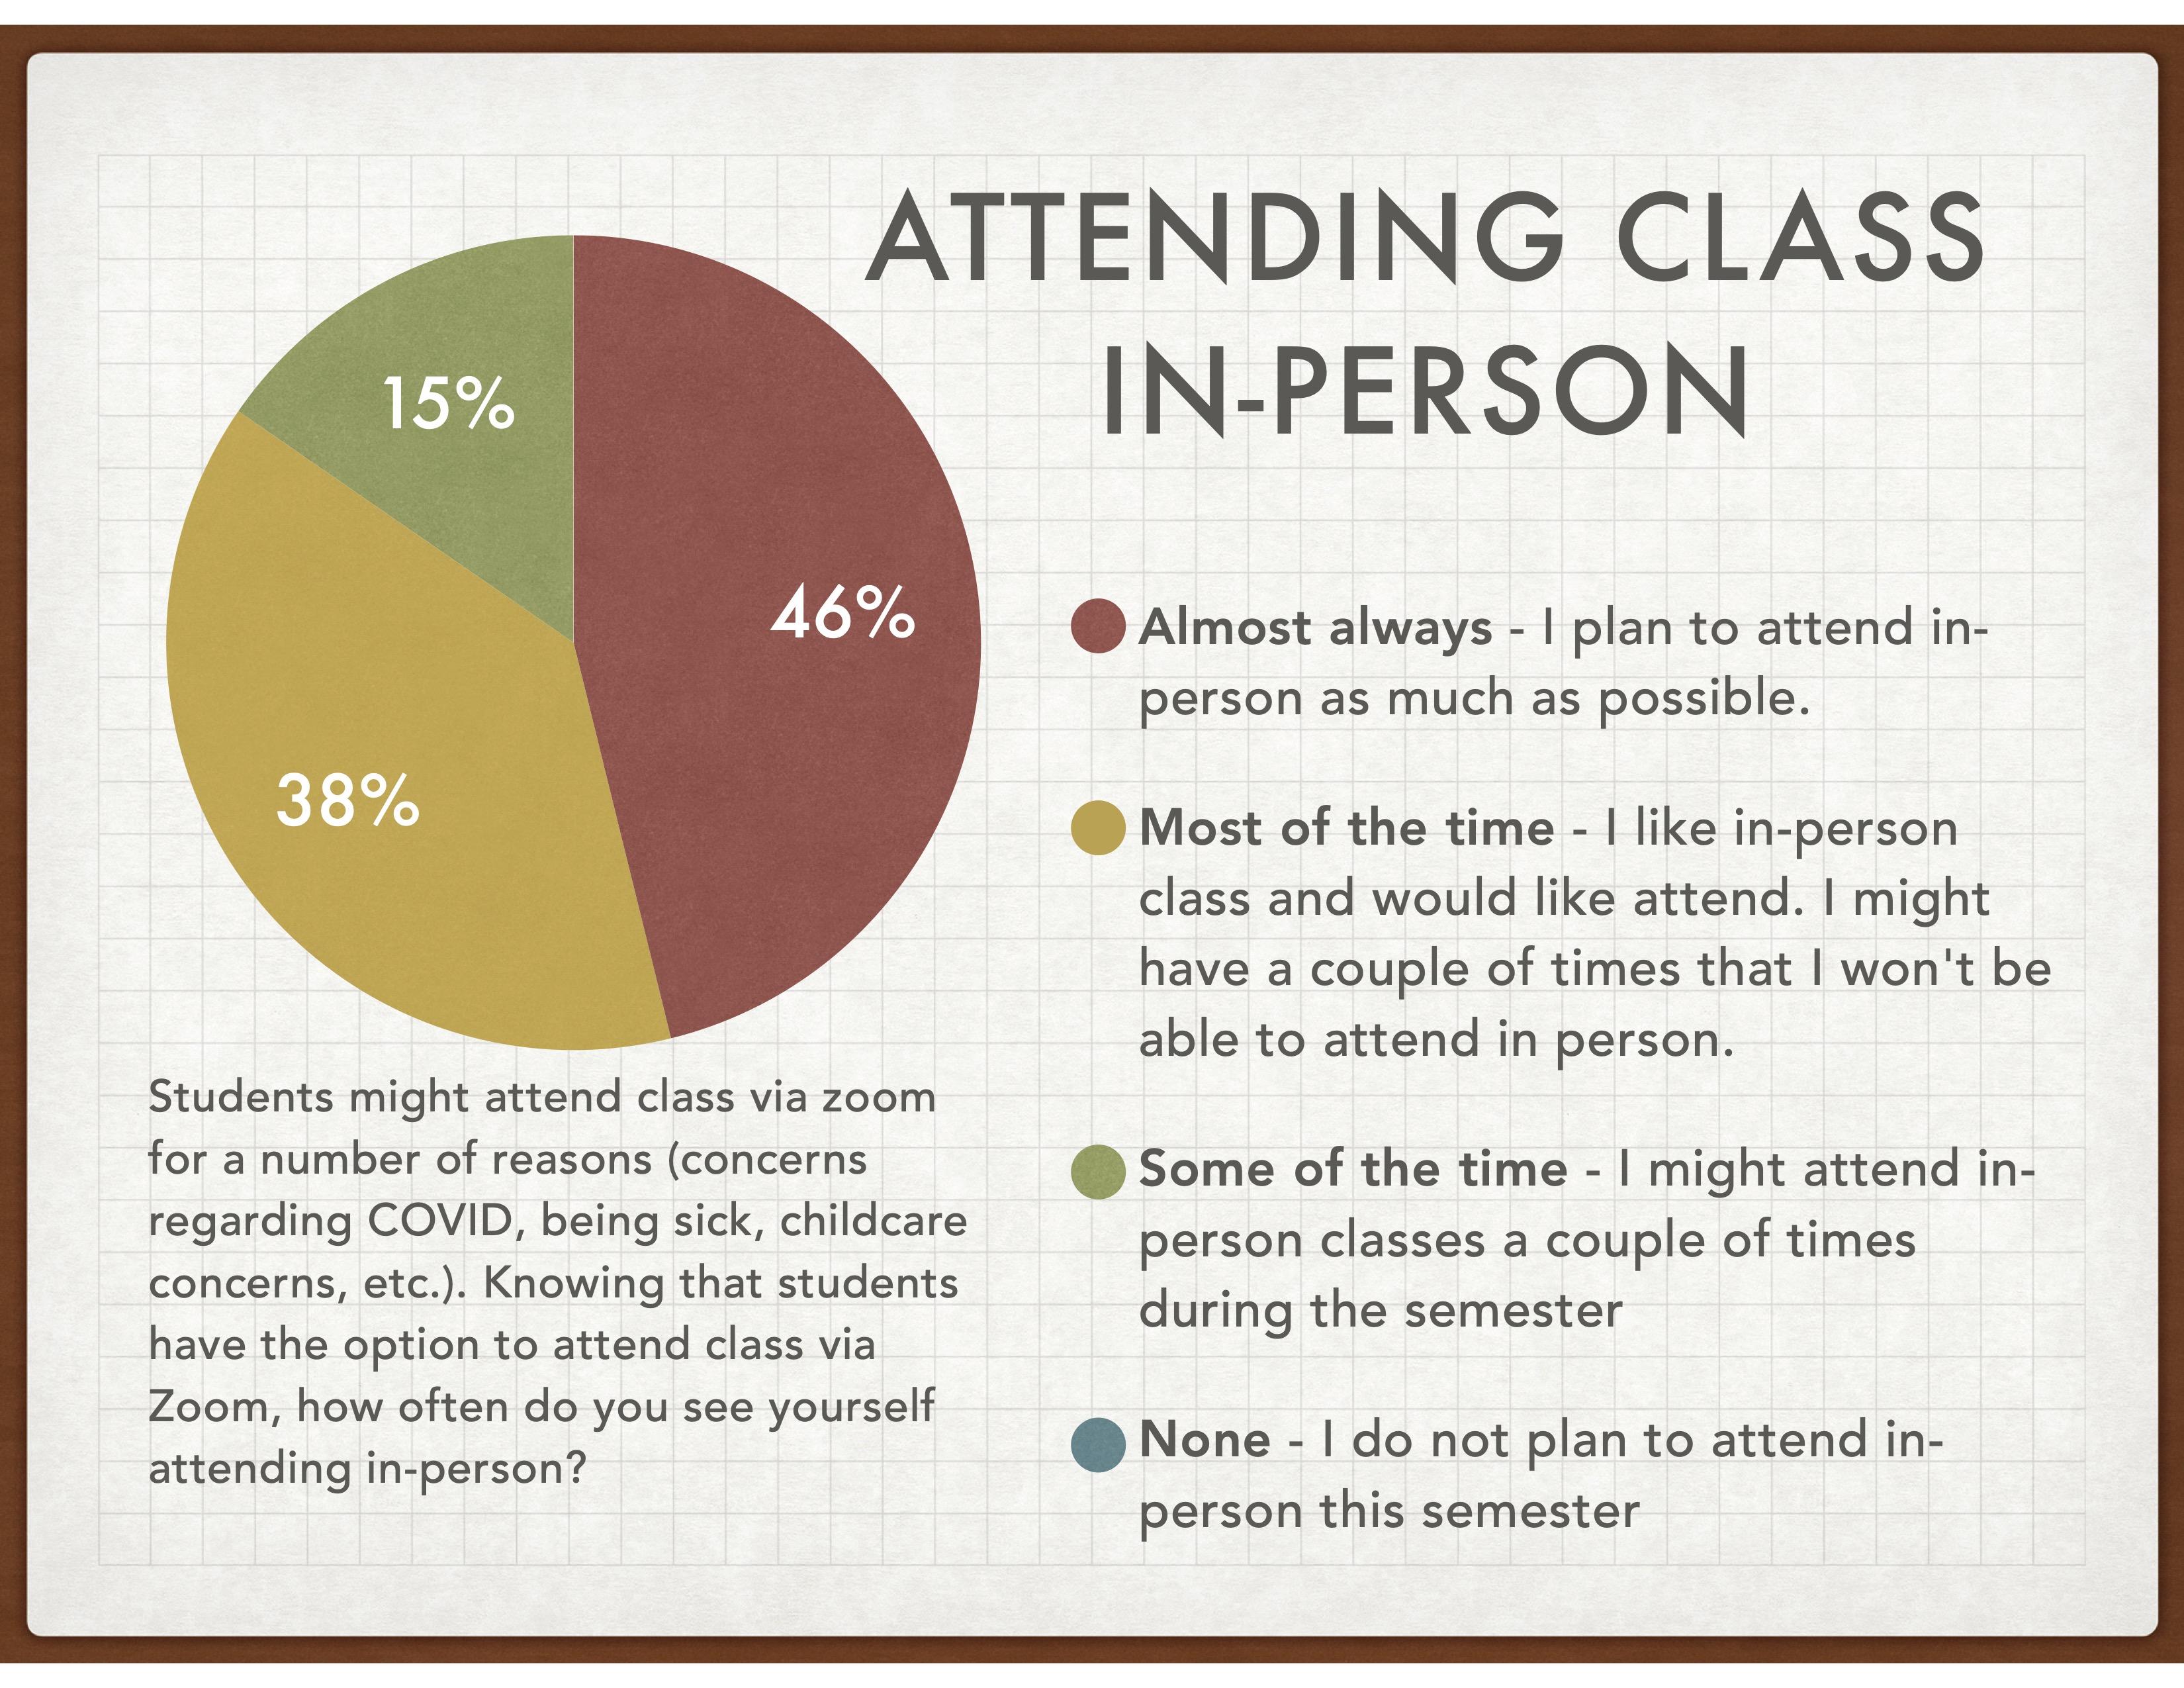 Pie Chart Regarding Attending Class